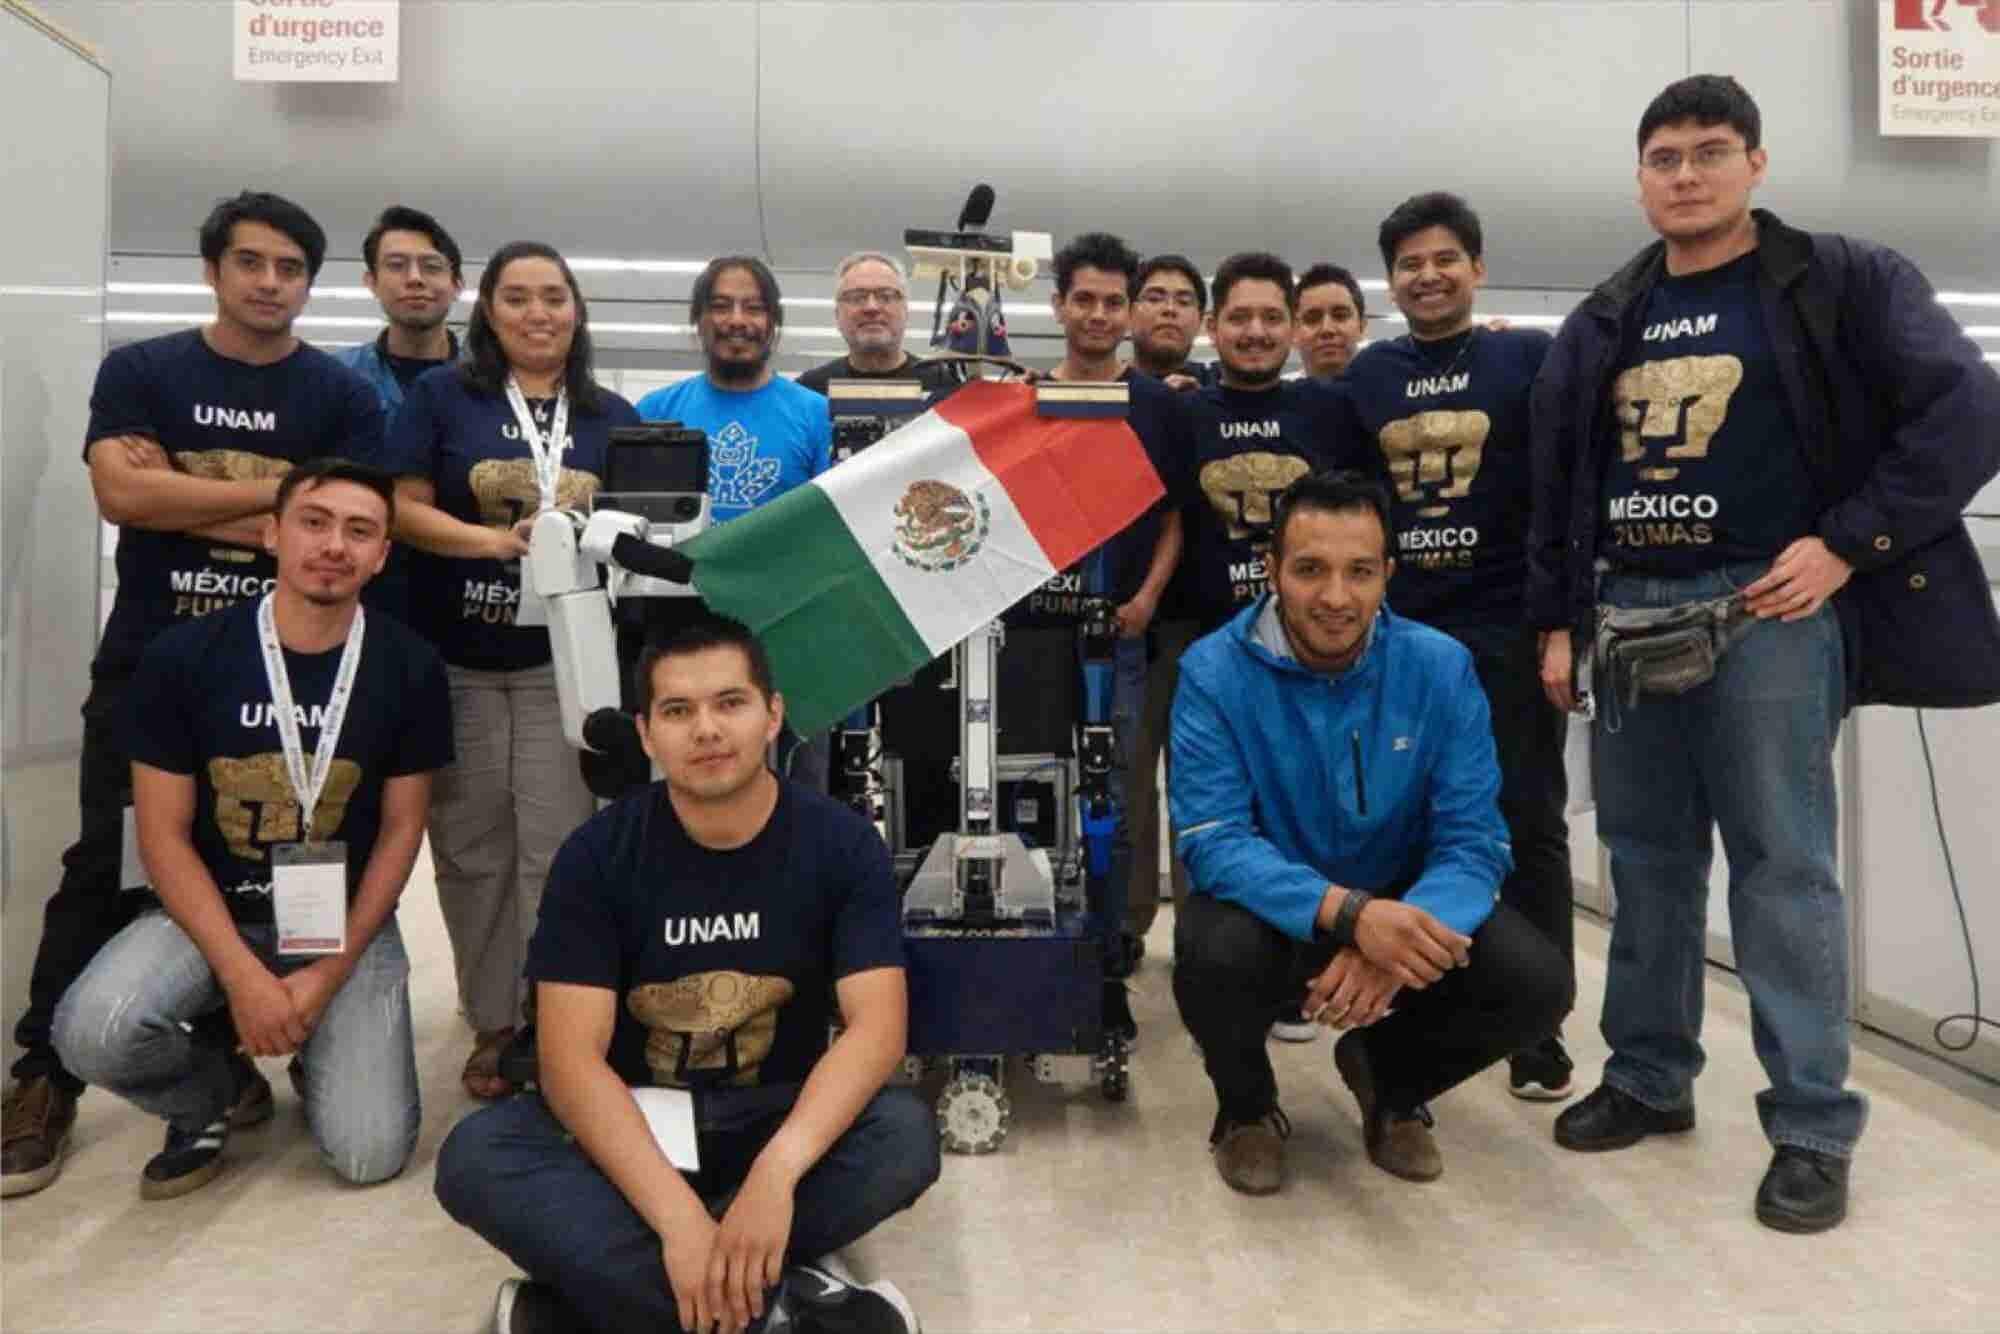 Alumnos de la UNAM ganan competencia de robótica en Canadá